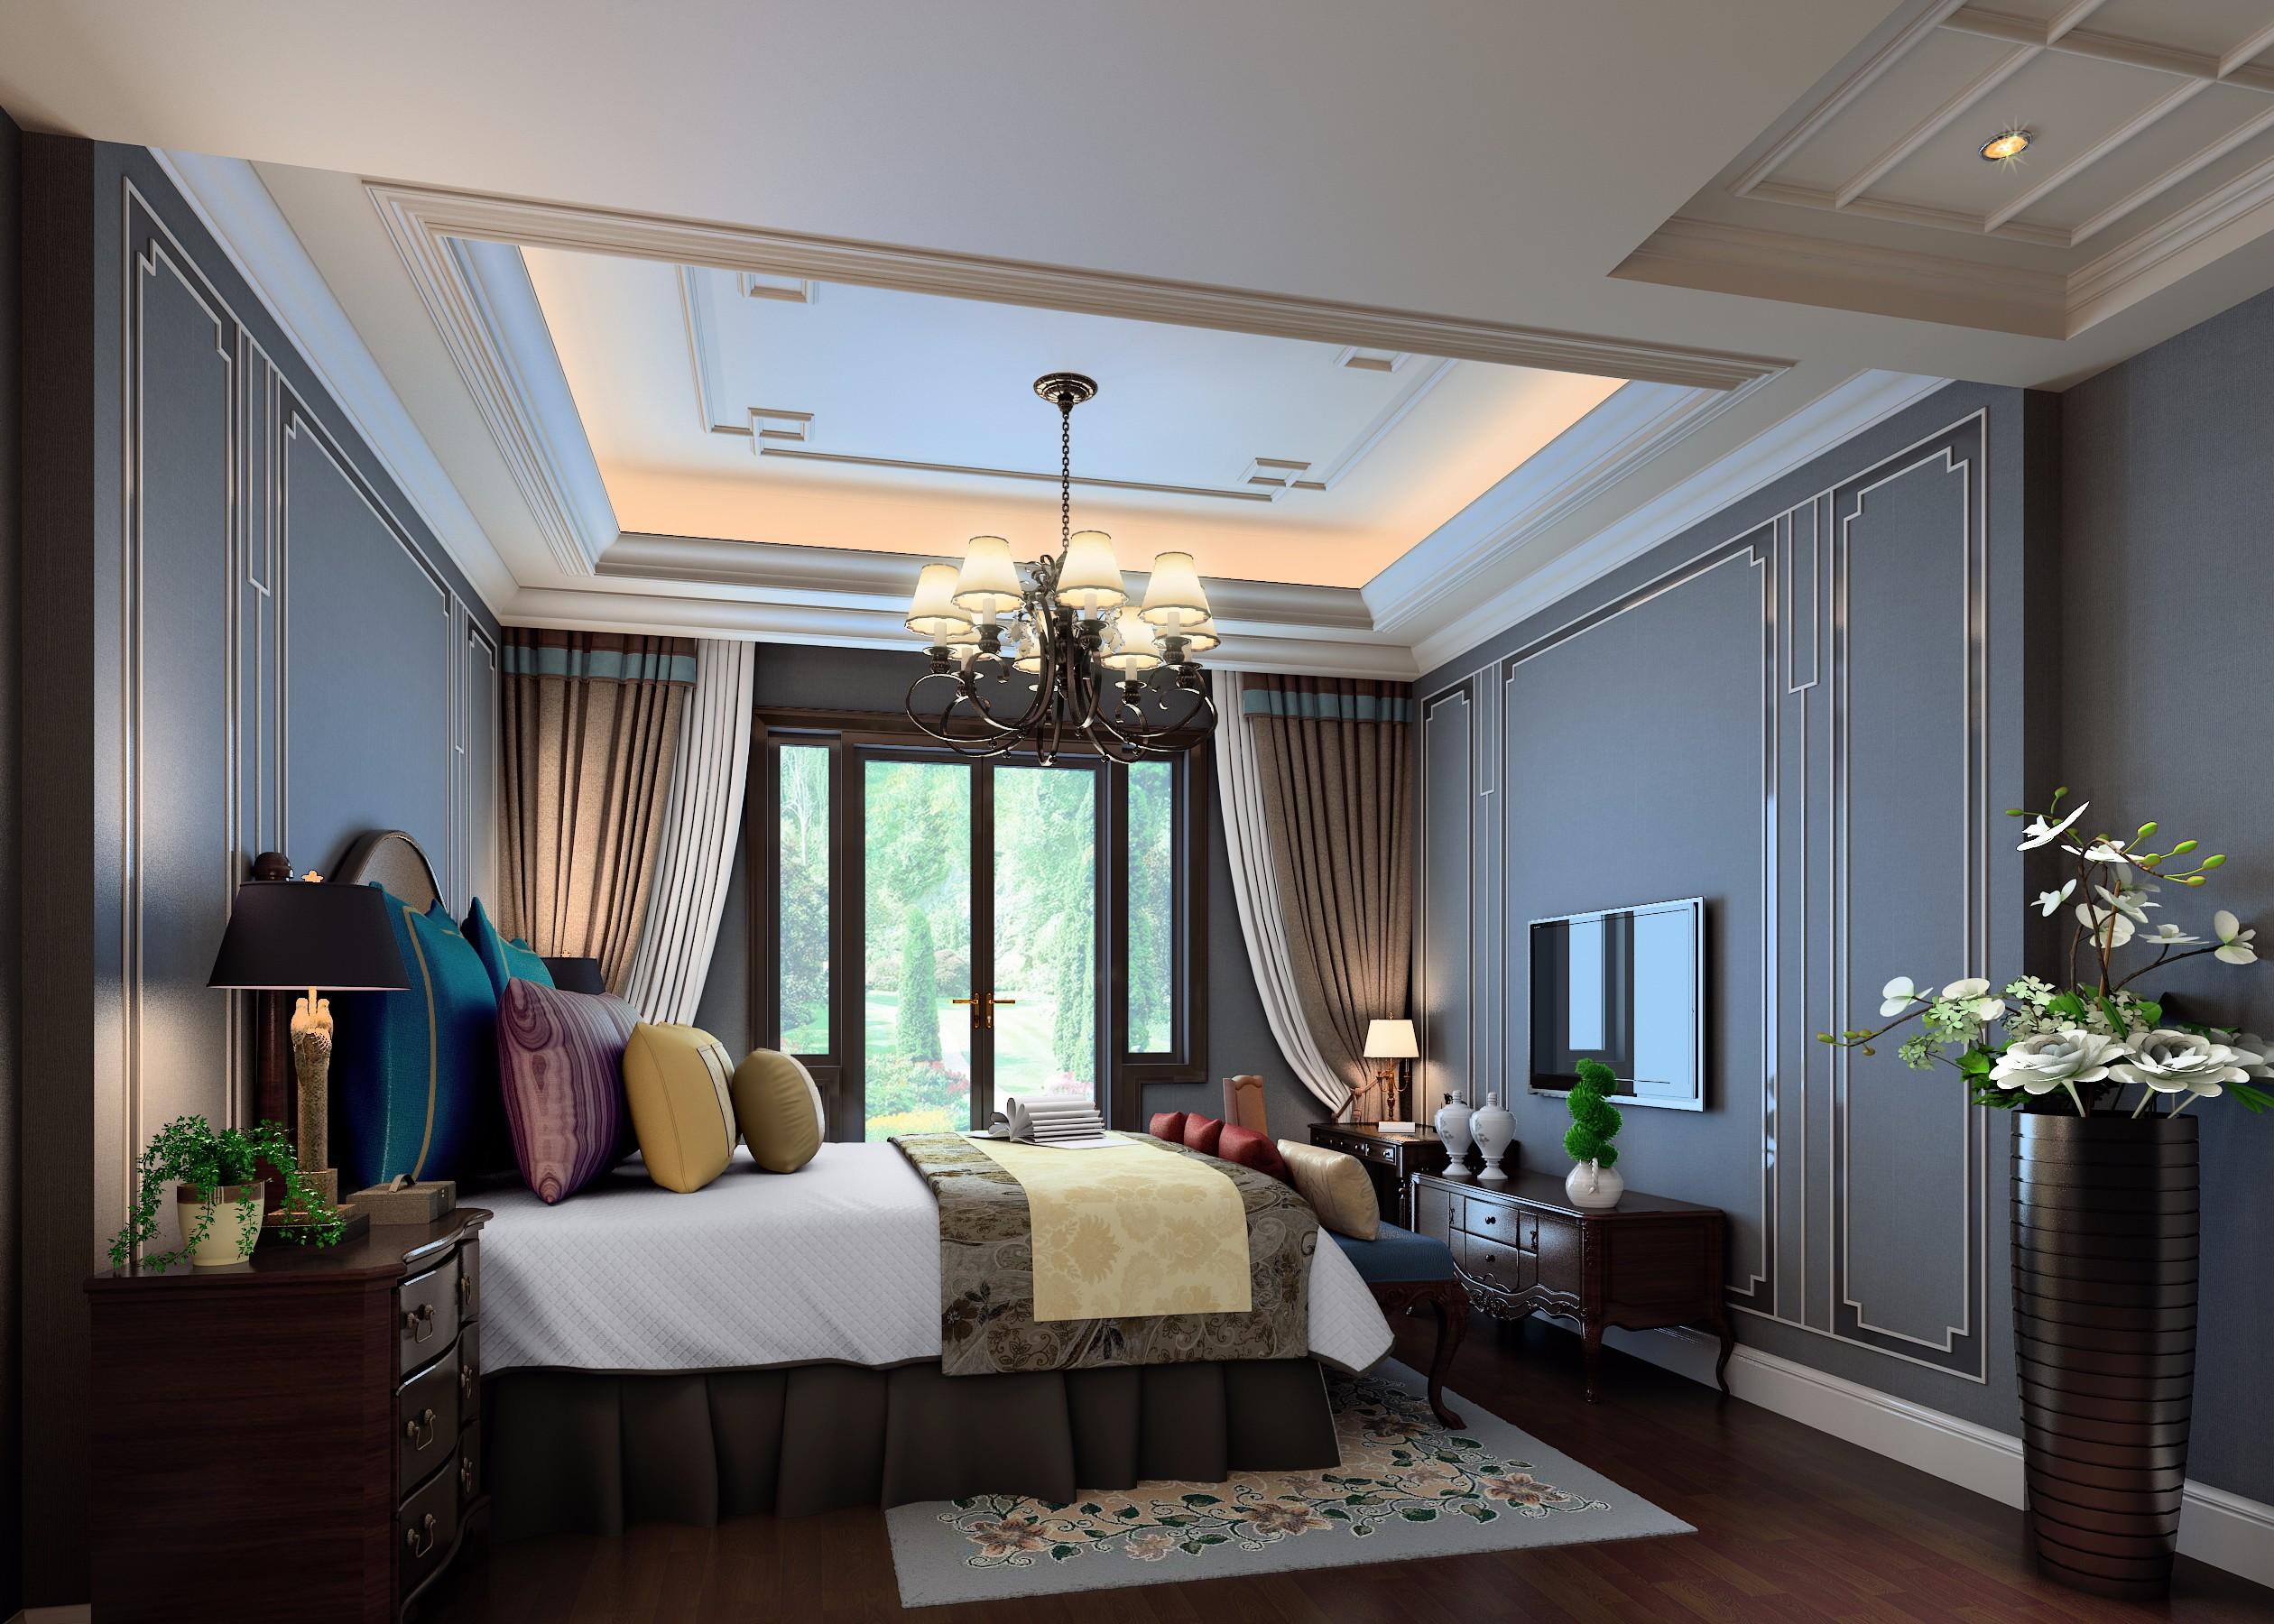 奢华 简欧 新中式 卧室 - 效果图交流区-建e室内设计网